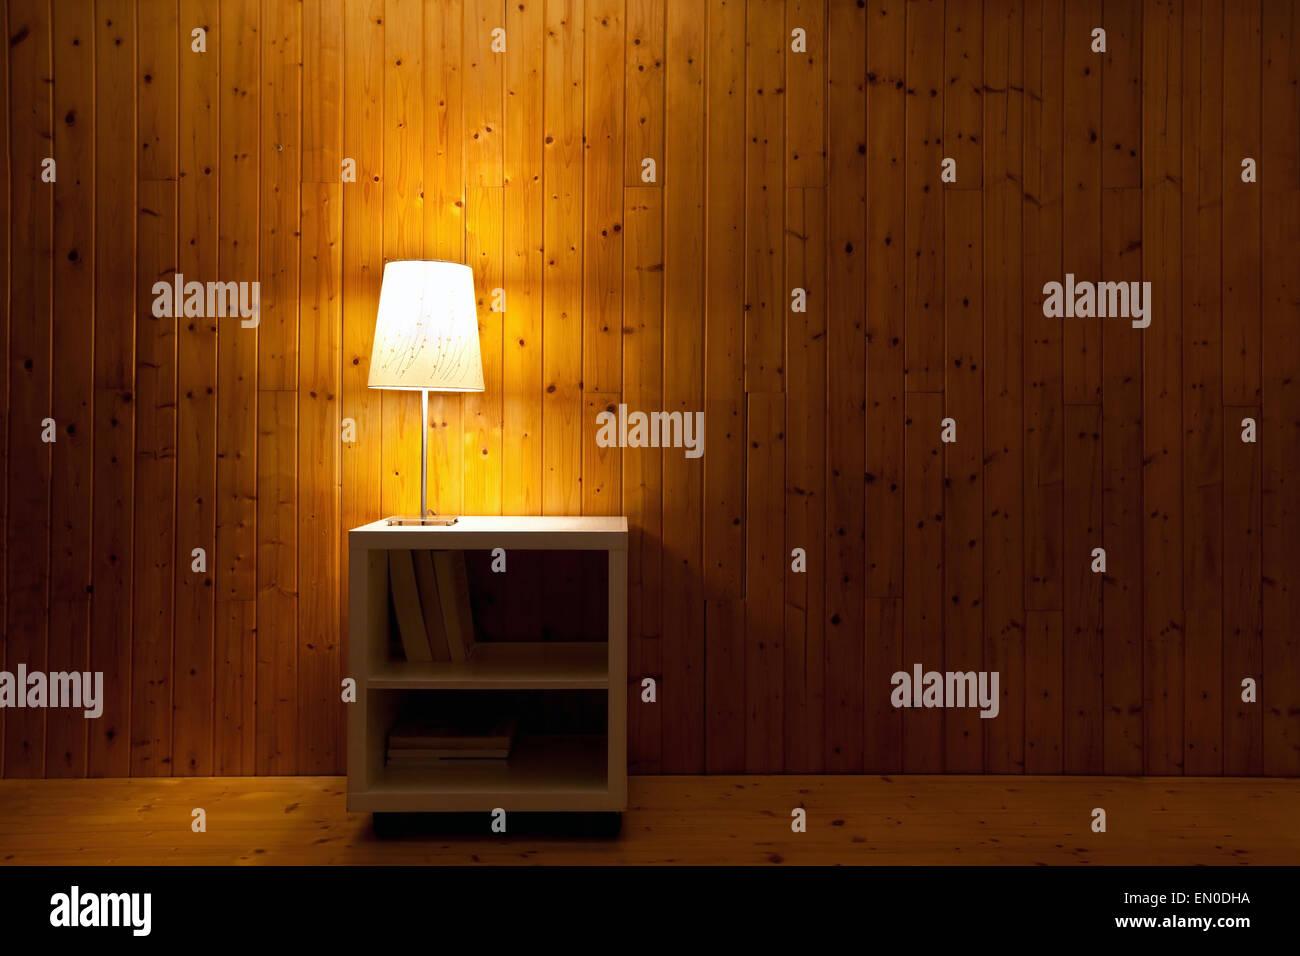 dunkle Interieur des Zimmers, Lampe Licht in der Nacht Stockbild